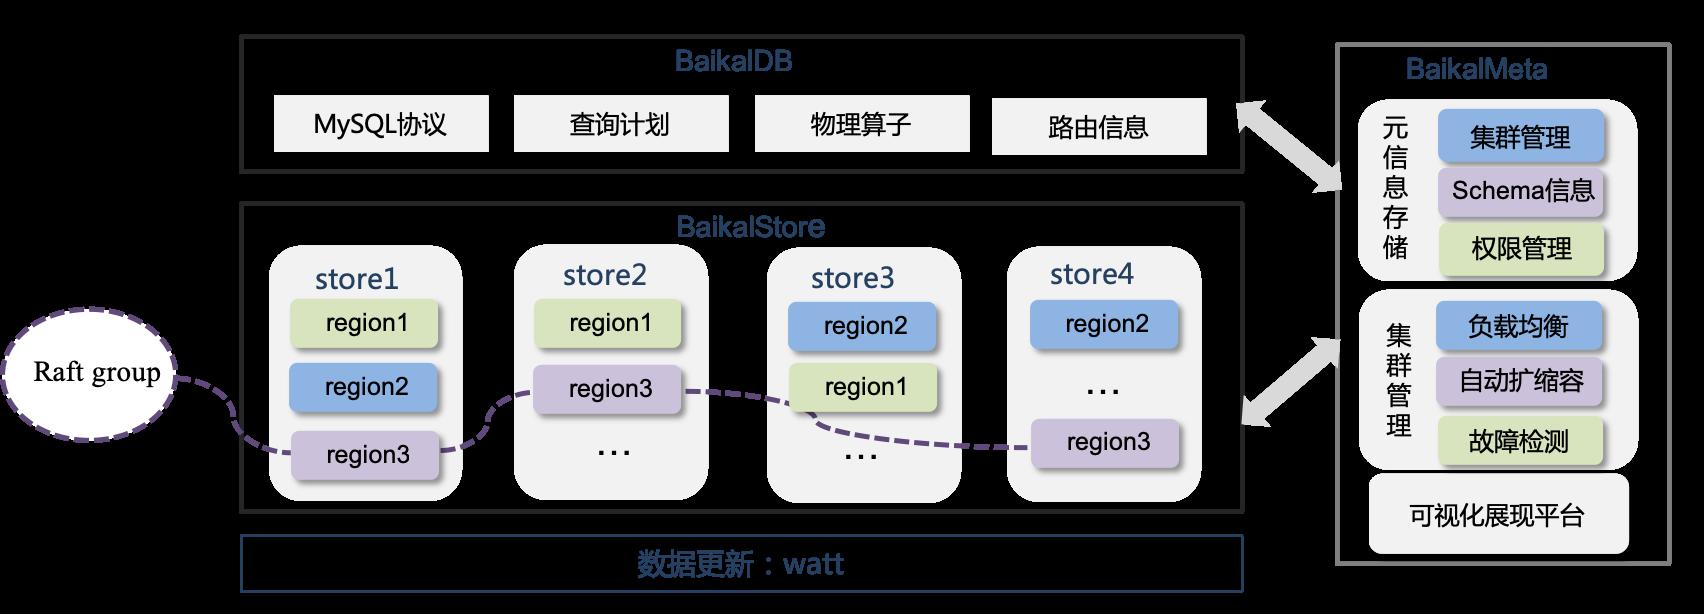 分布式可扩展存储系统 BaikalDB